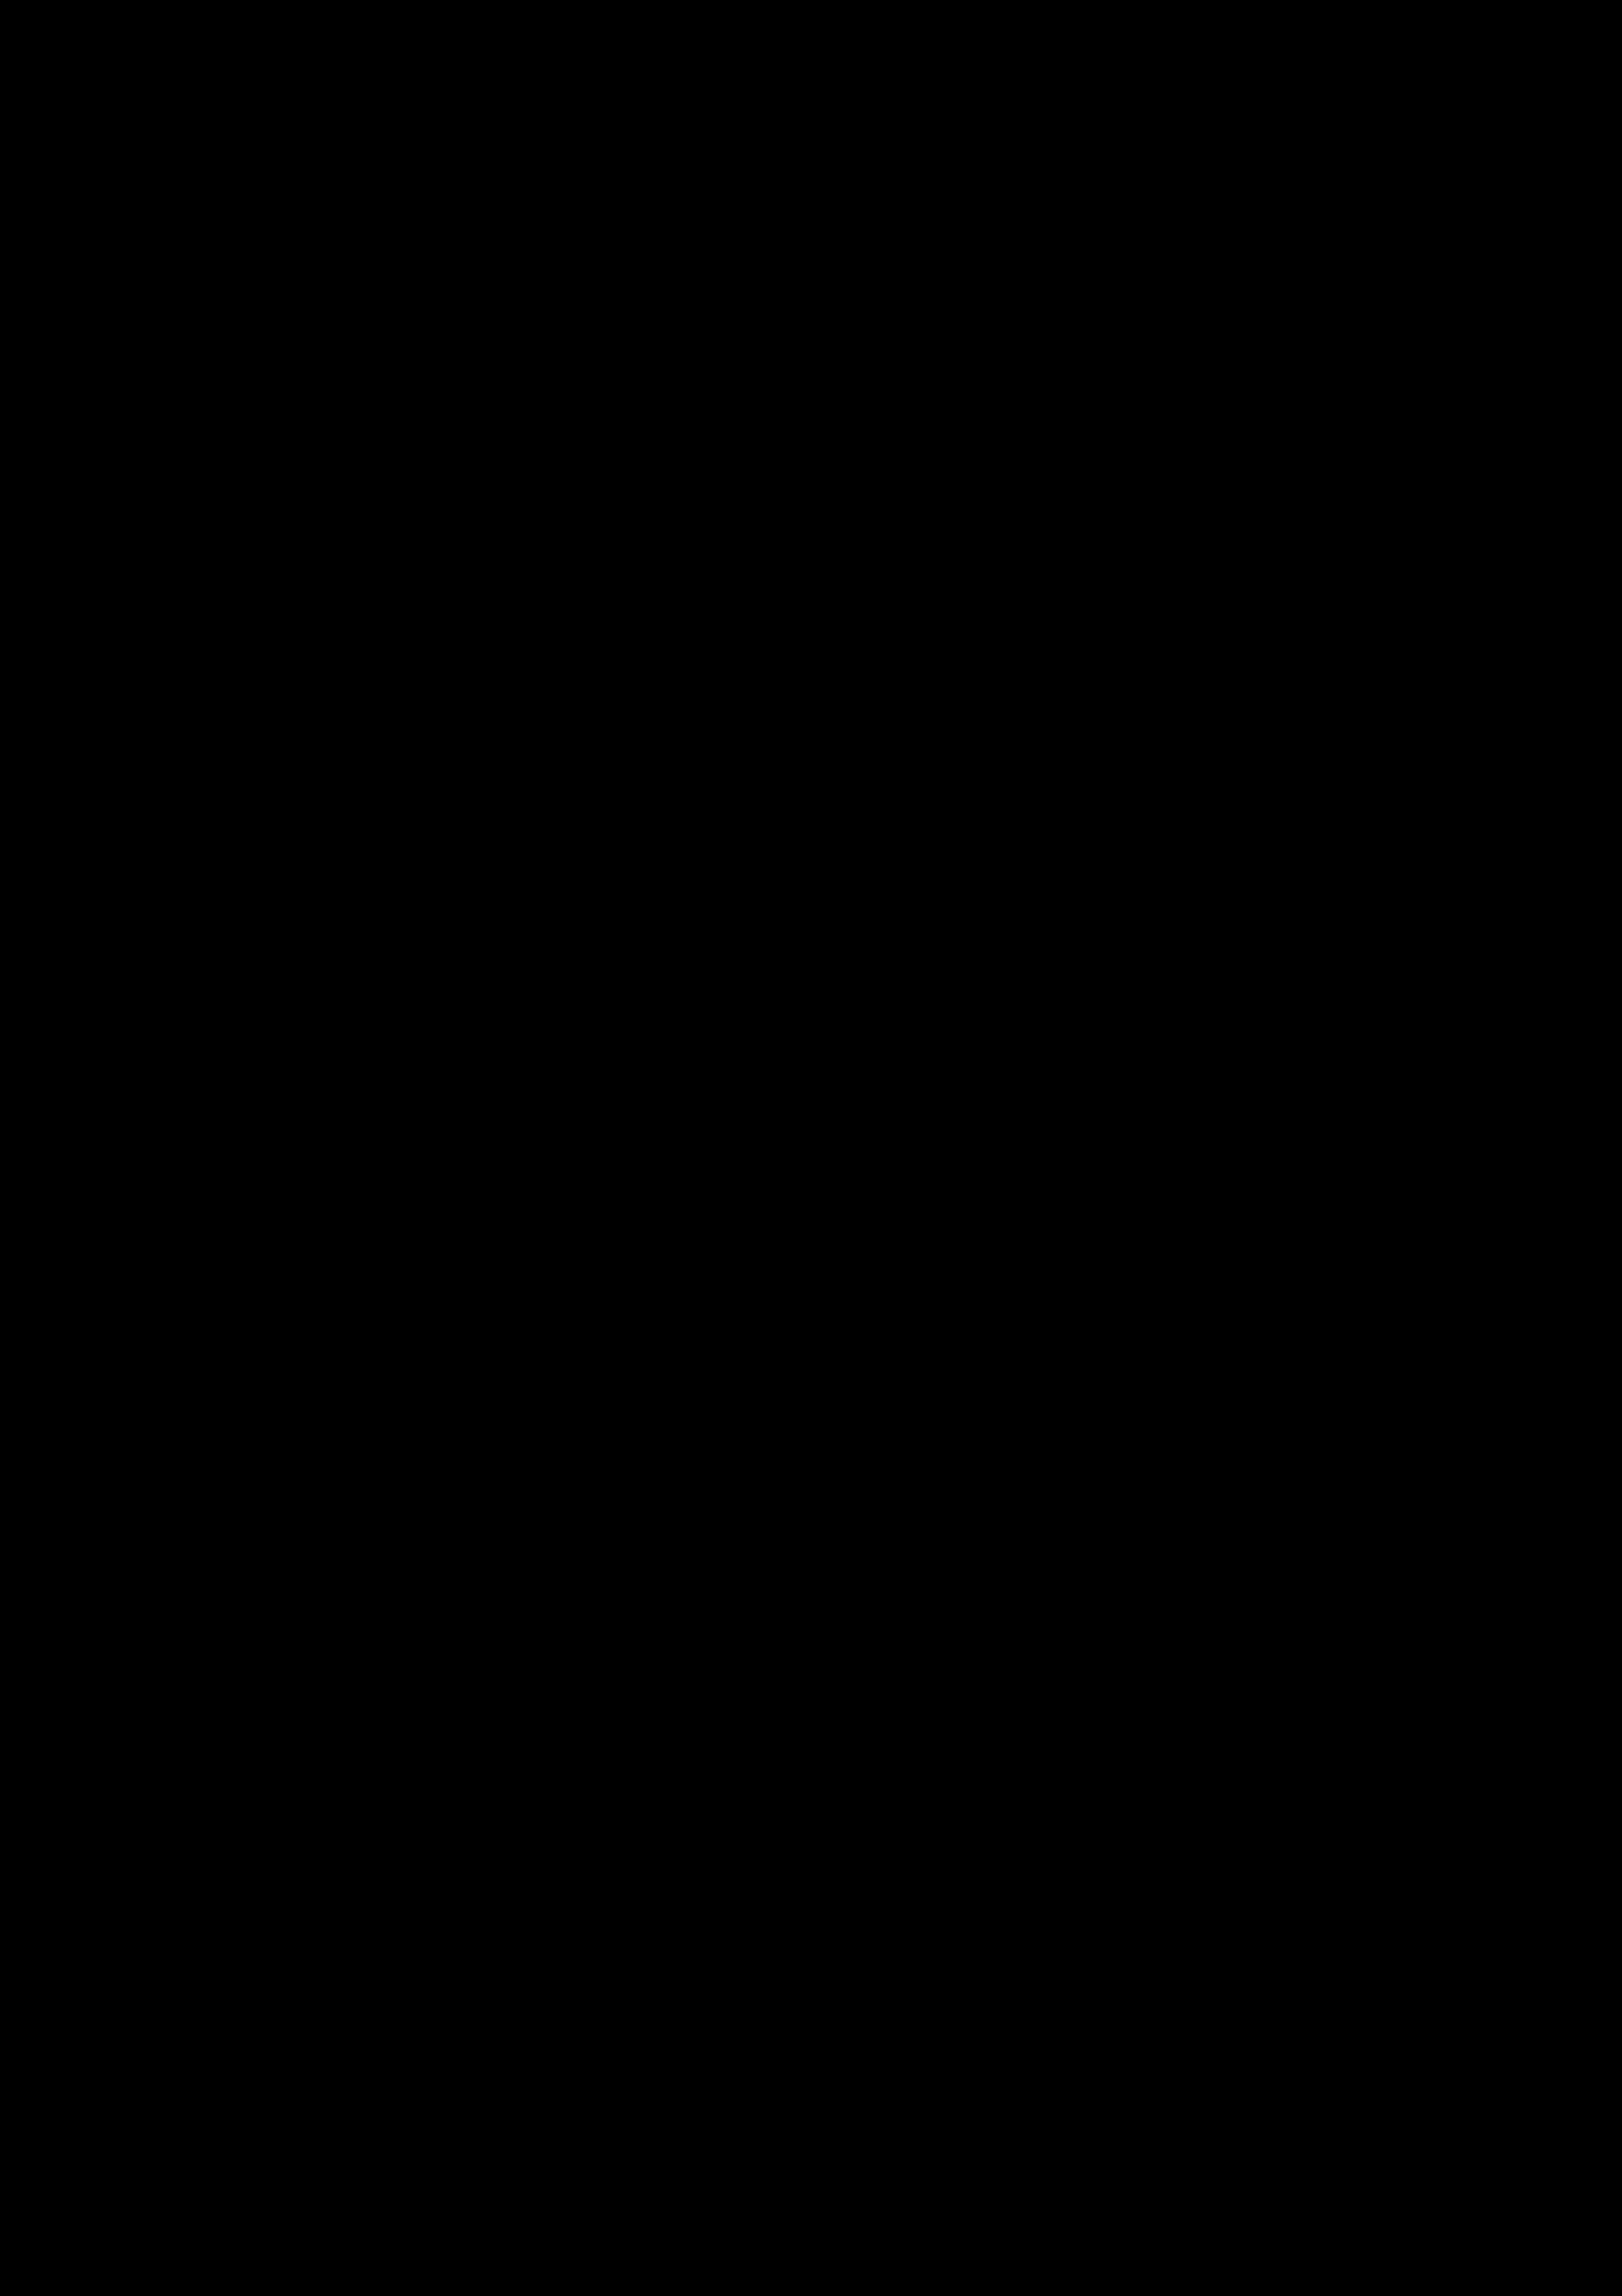 В эту субботу на территории стадиона «Факел» за СК «Газовик» стартует Массовая городская зарядка!